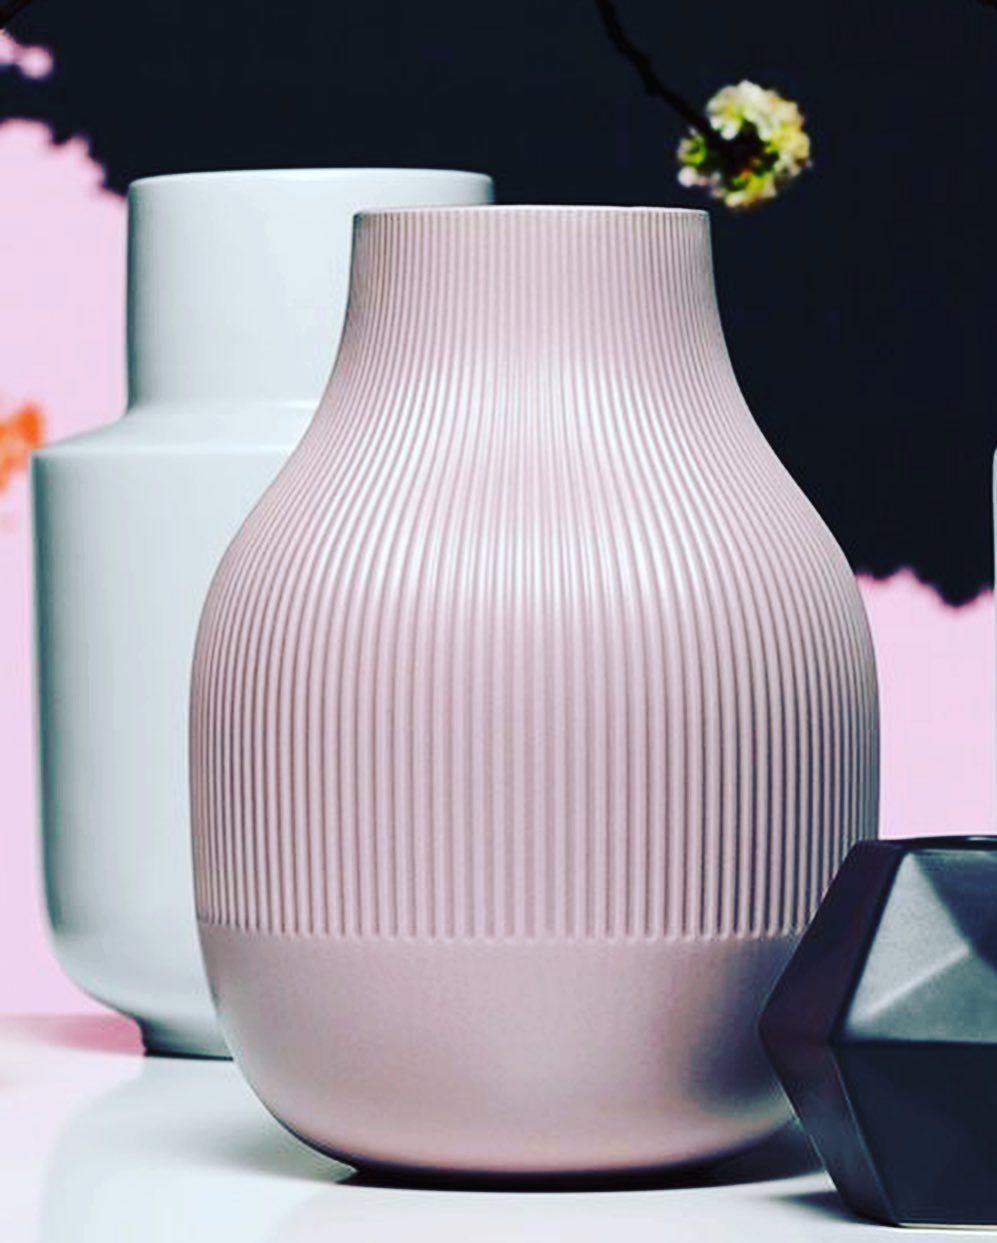 ceramic, craft, home decor